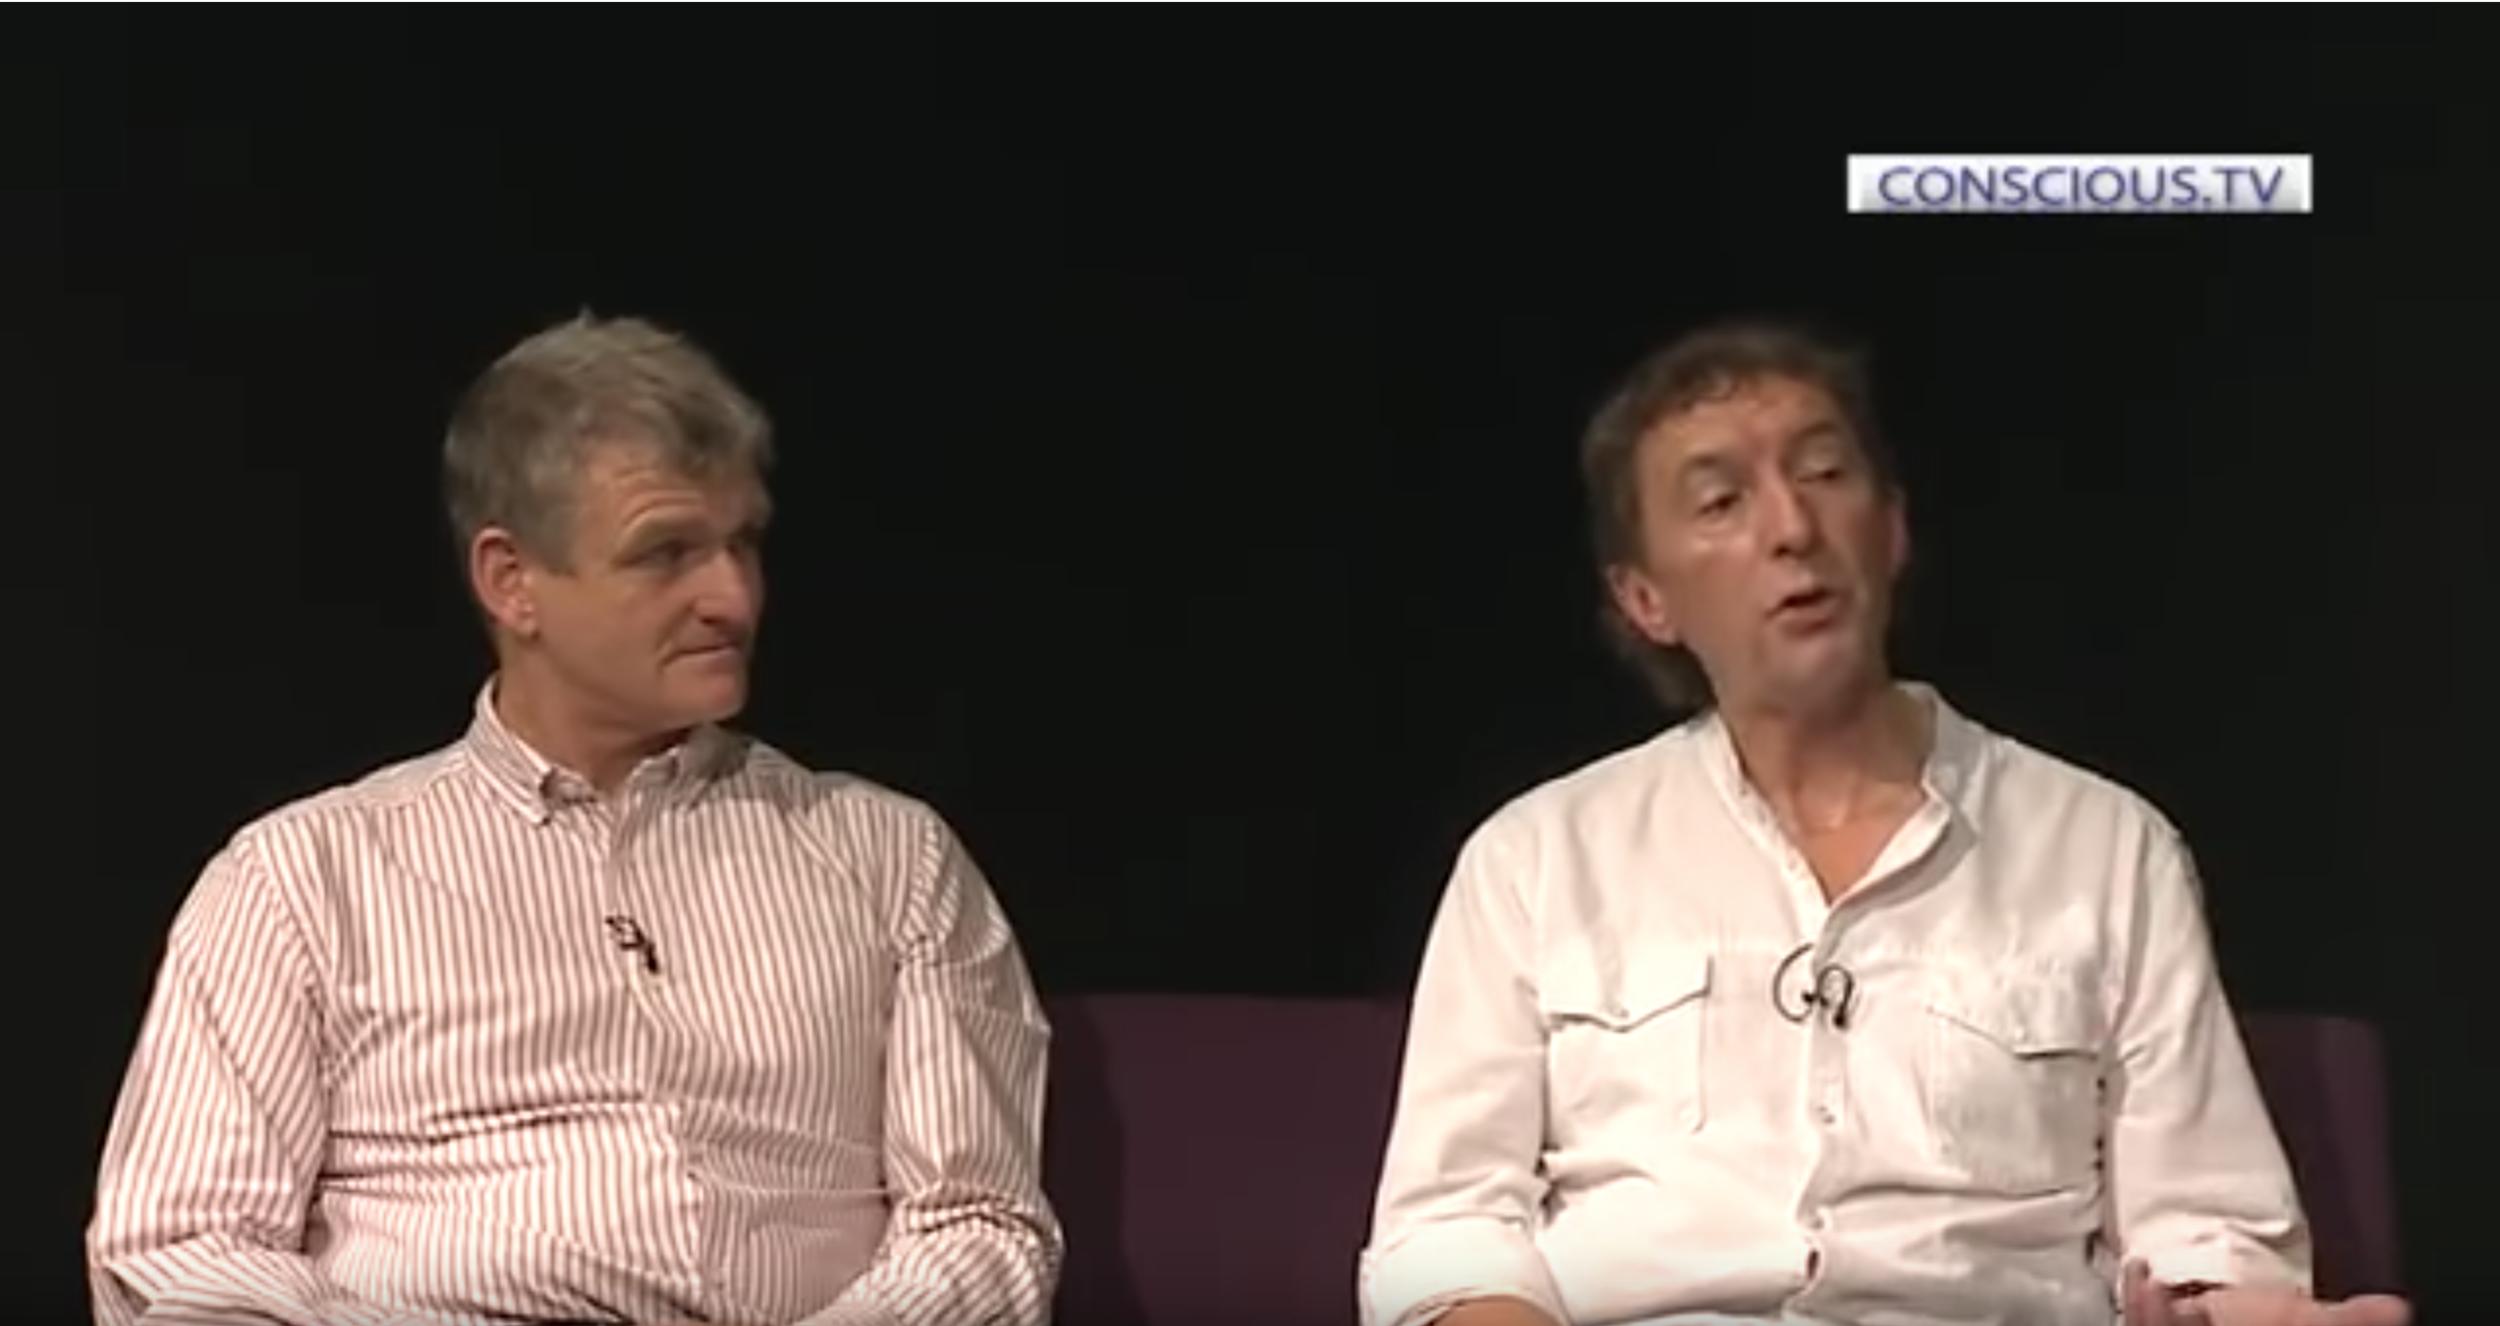 Conscious TV: Addiction and Awakening